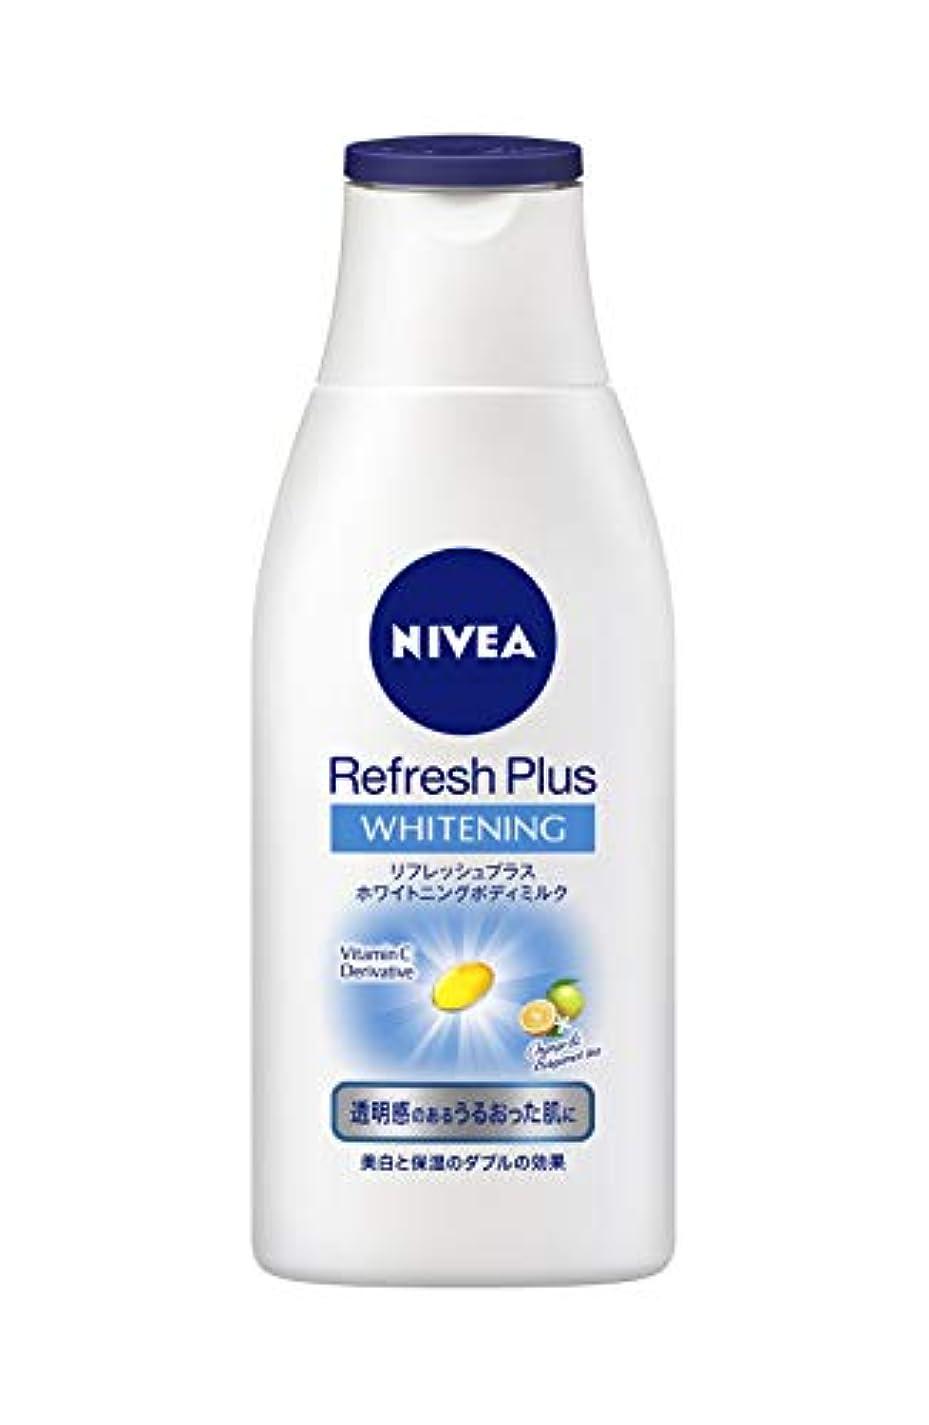 小さな追い付く区画ニベア リフレッシュプラスホワイトニングボディミルク 150ml